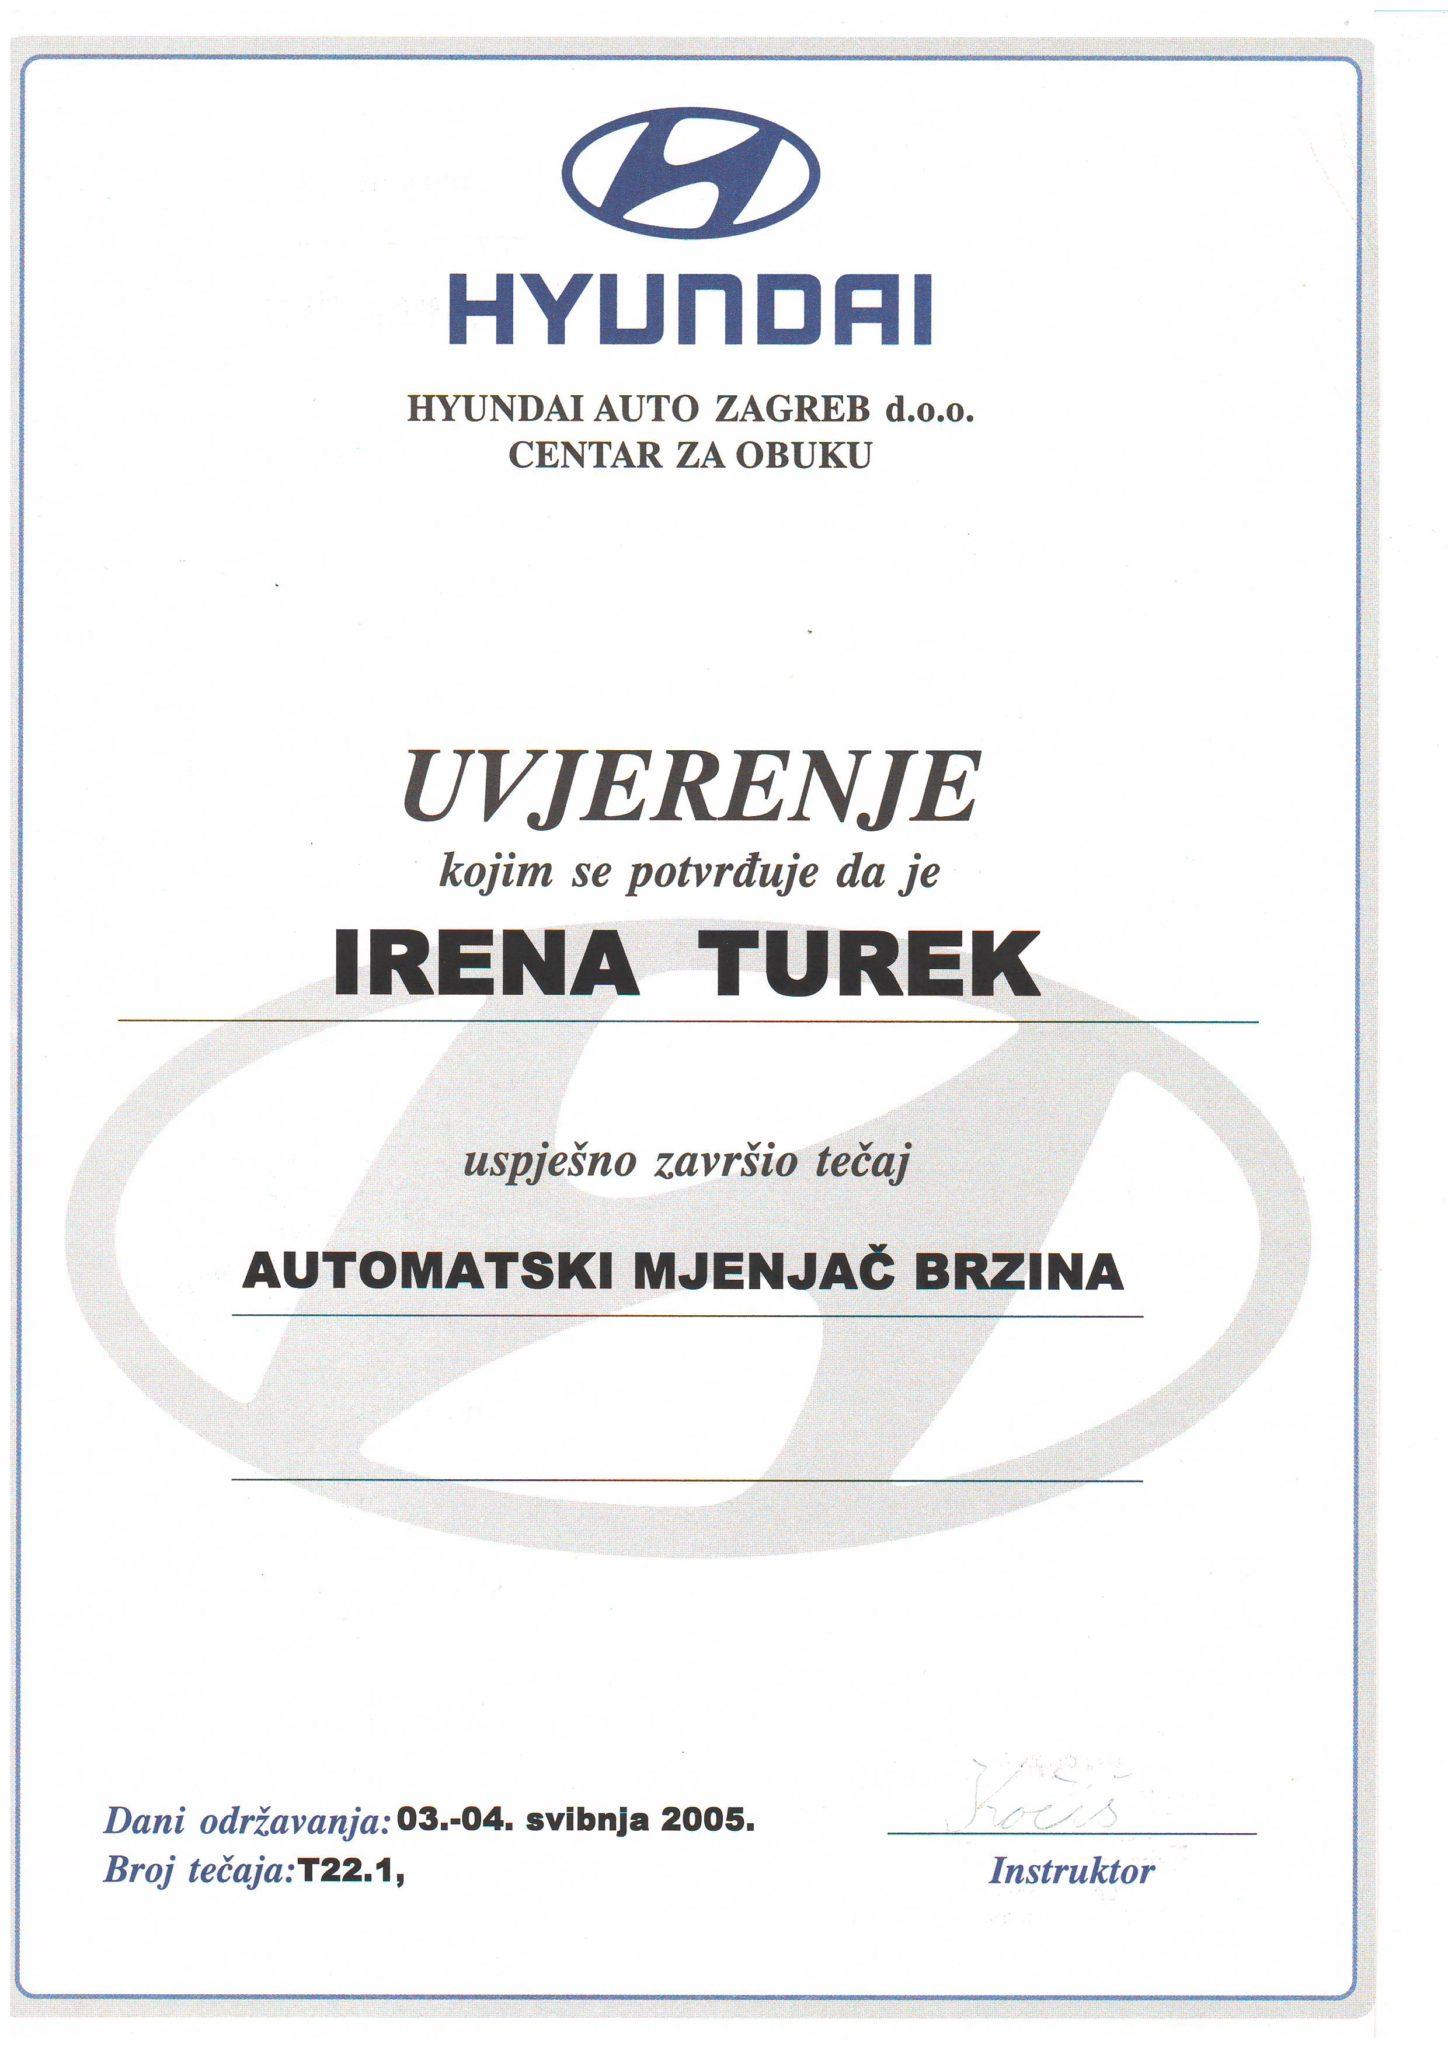 Picture of Hyundai - Automatski mjenjač brzina